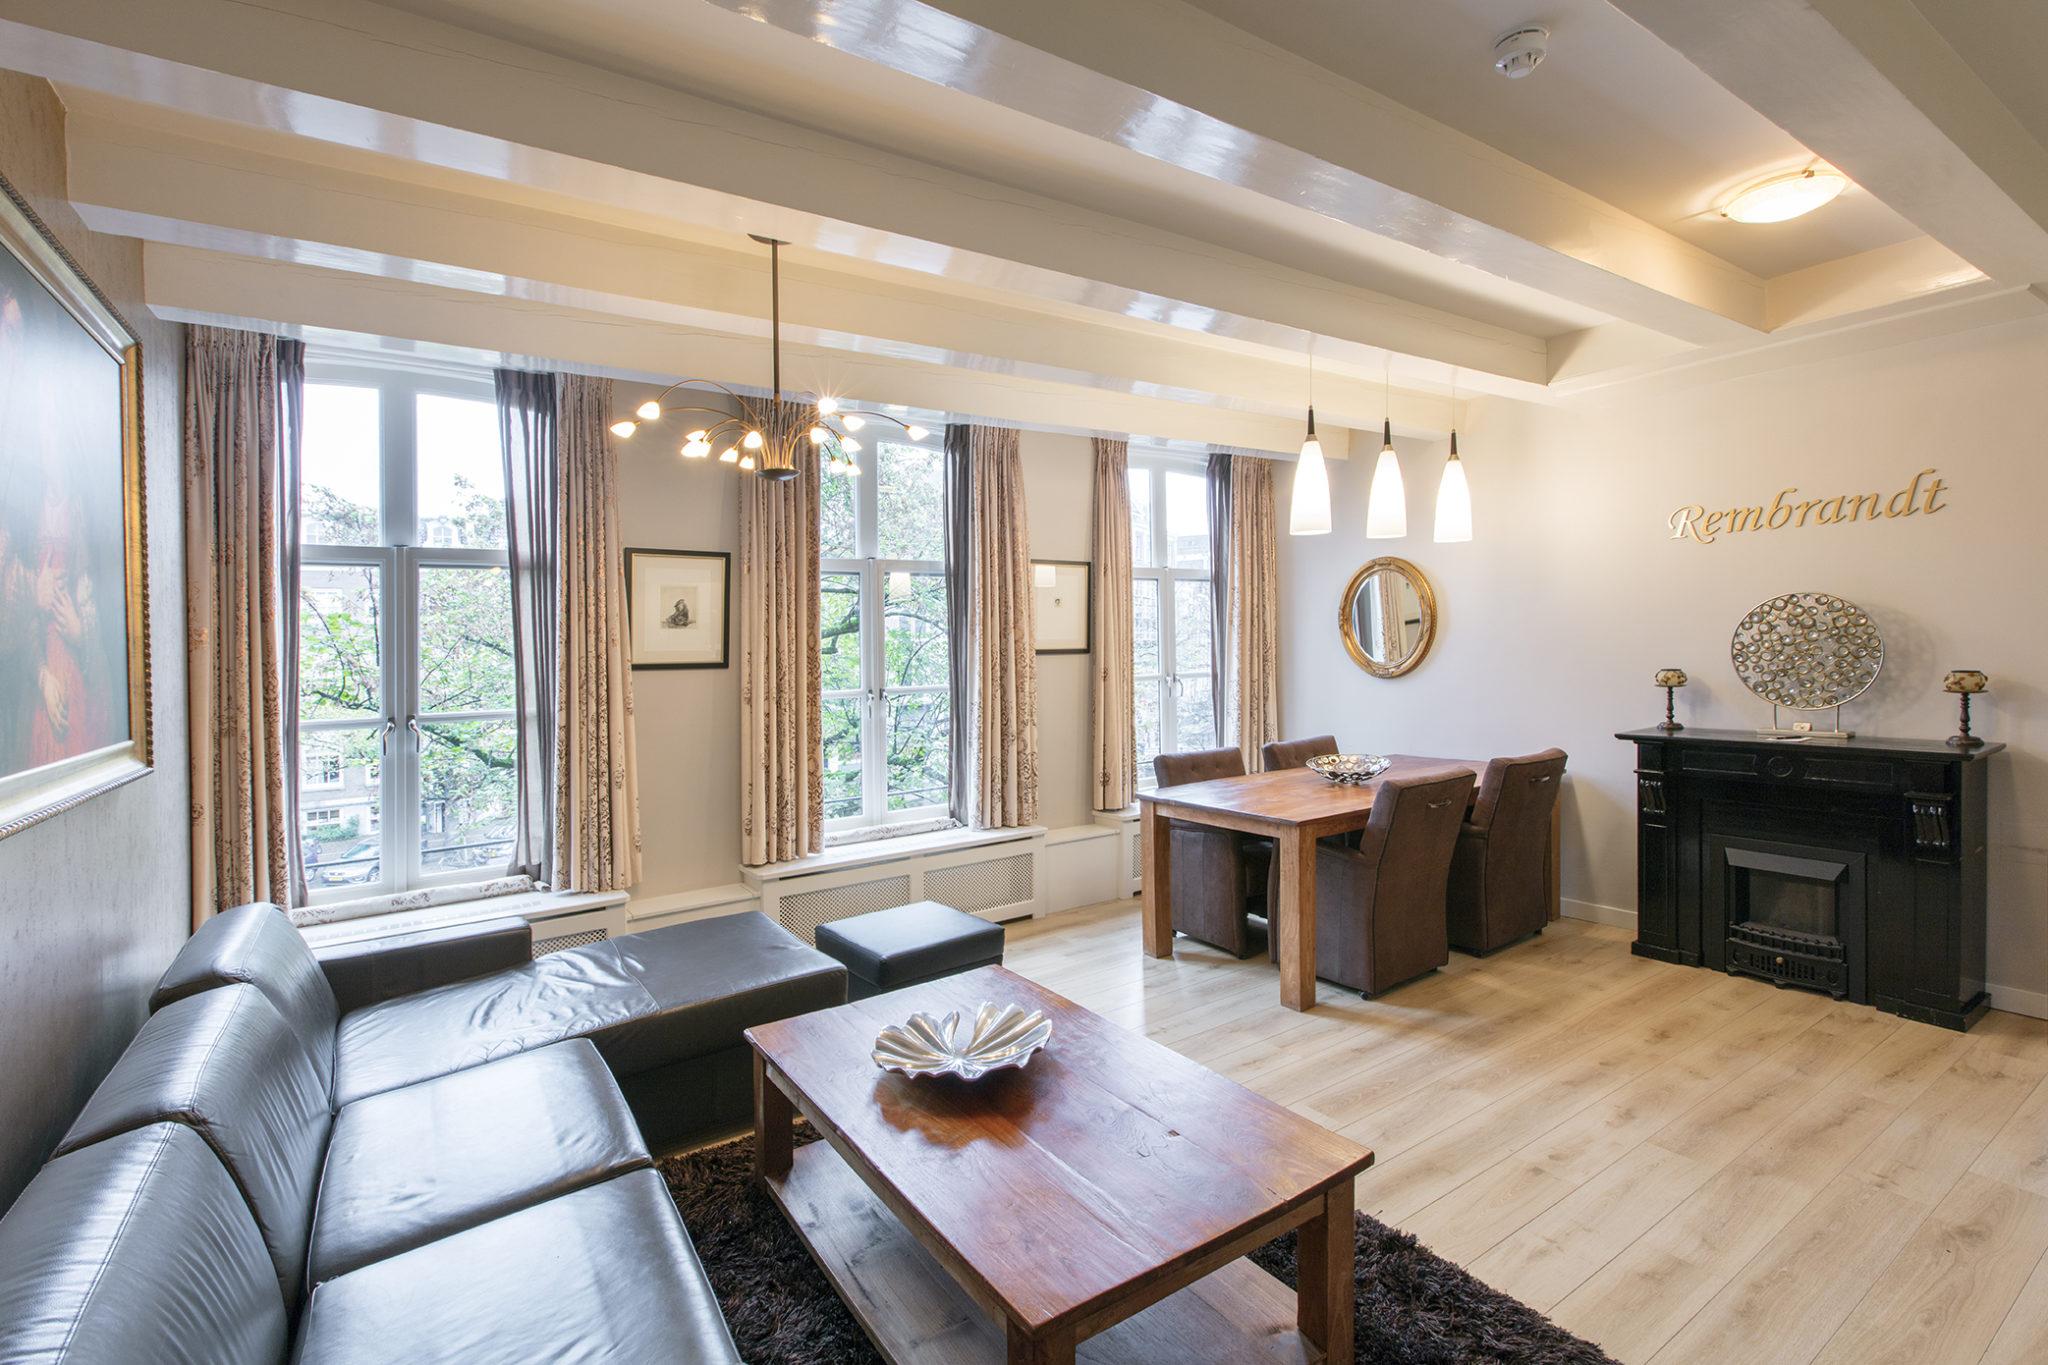 Dutch Masters Amsterdam Rembrandt van Rijn Apartment Livingroom © Michael van Oosten